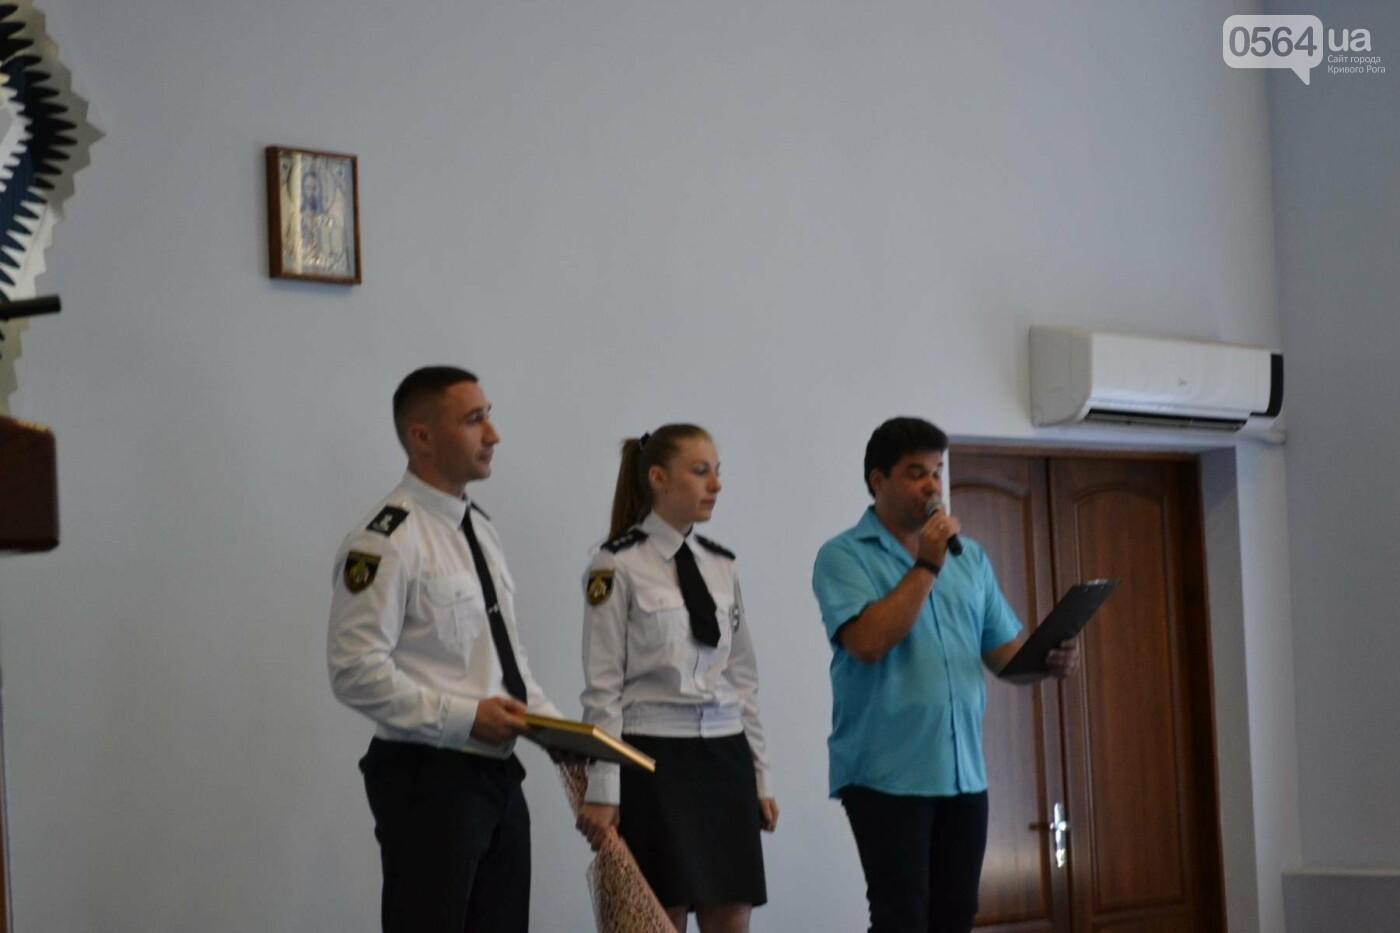 Криворожских полицейских поздравили с профессиональным праздником, - ФОТО, ВИДЕО, фото-4